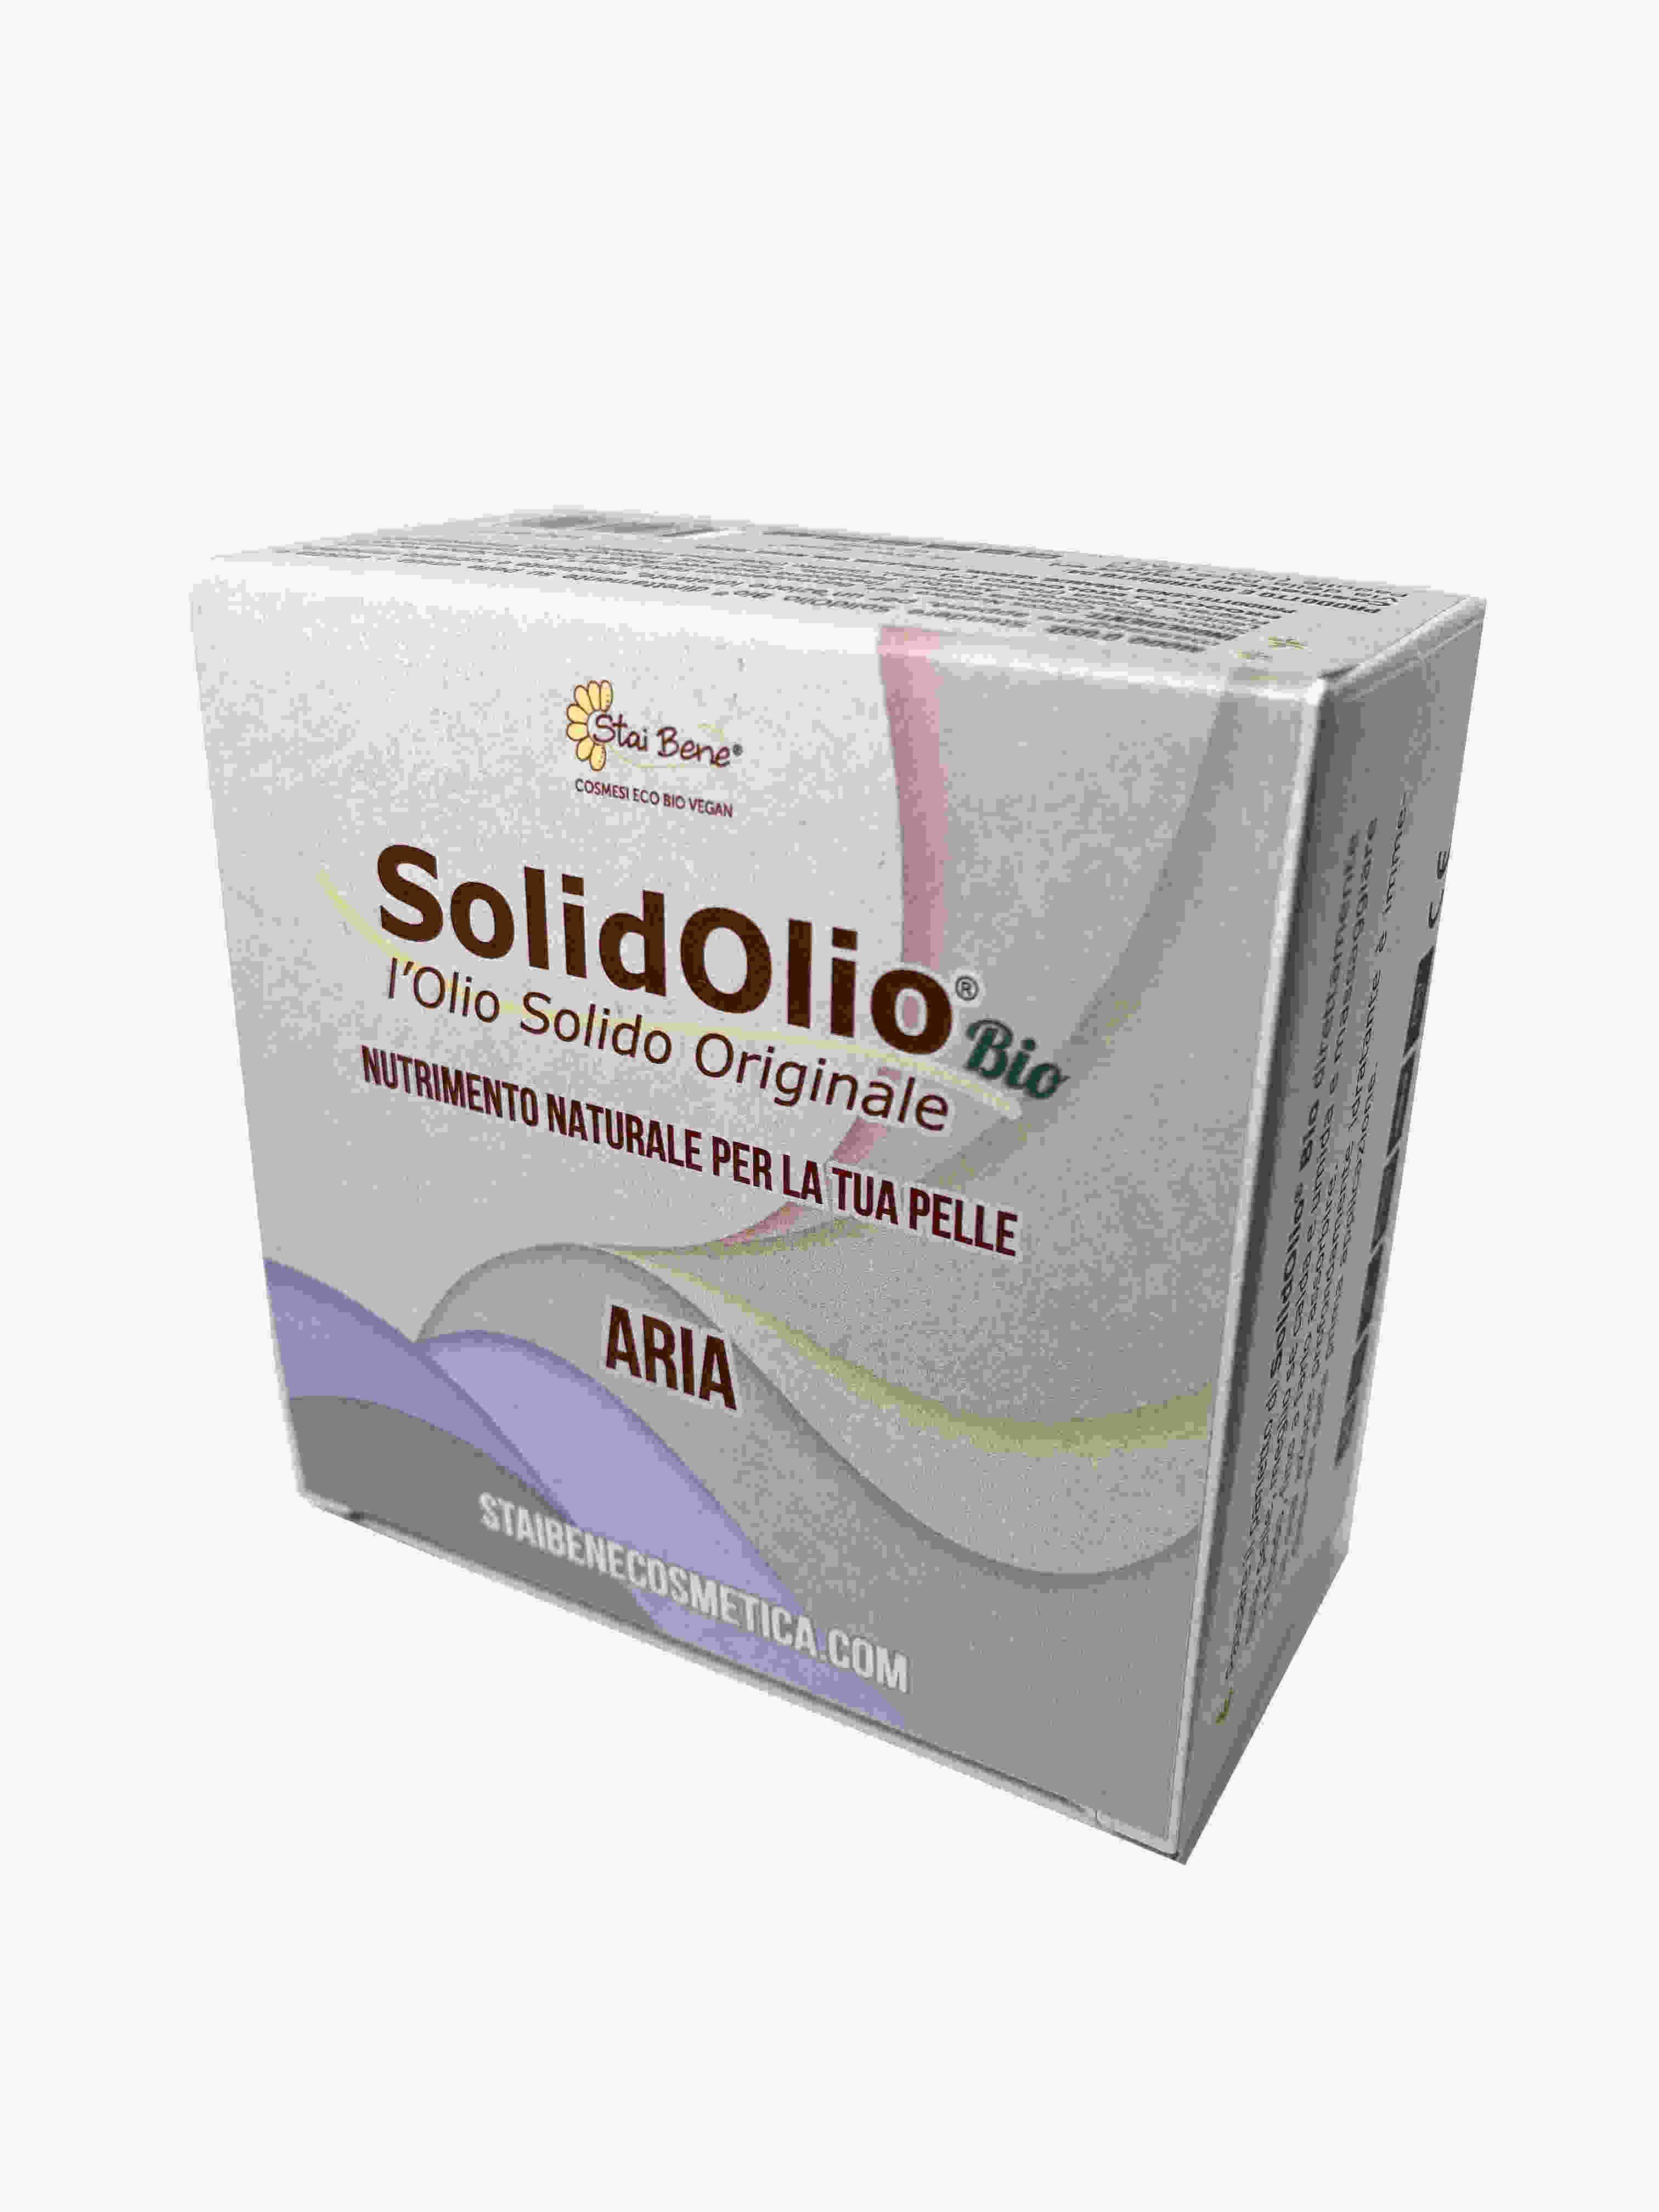 Solidolio Aria